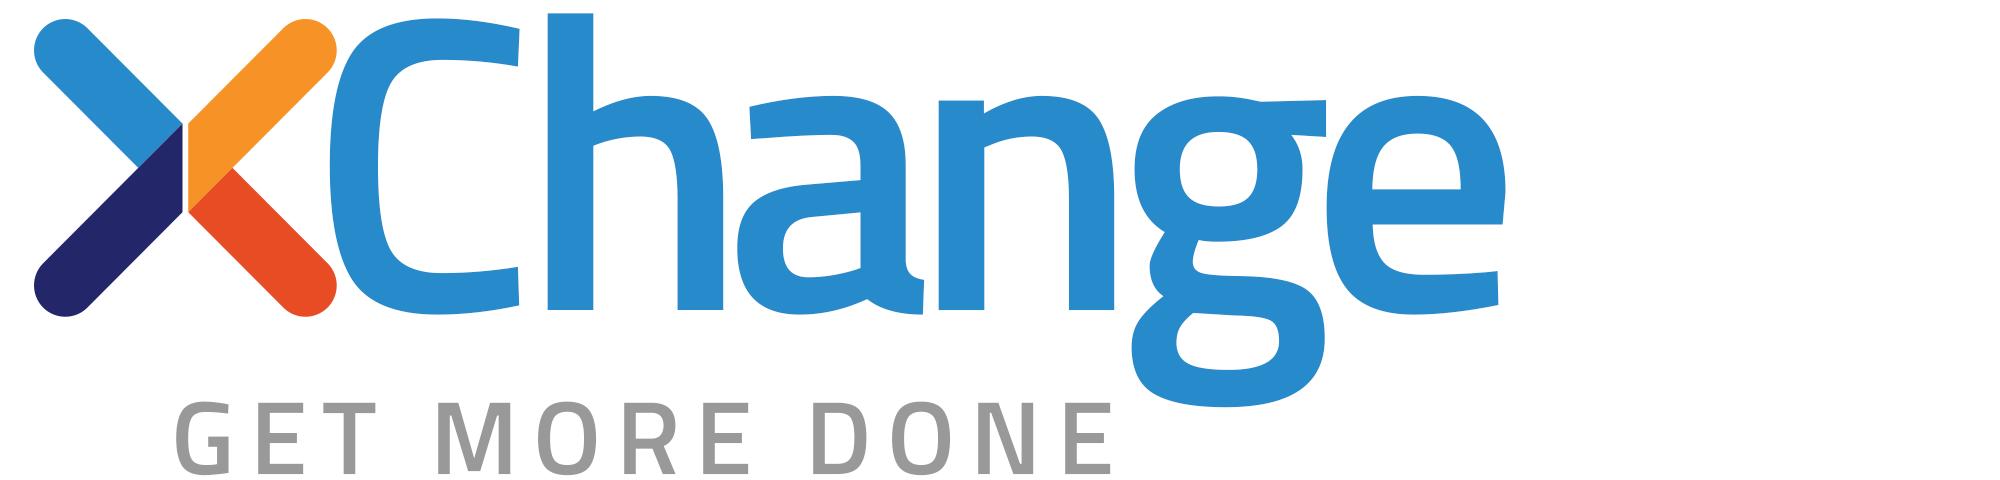 XChange UK